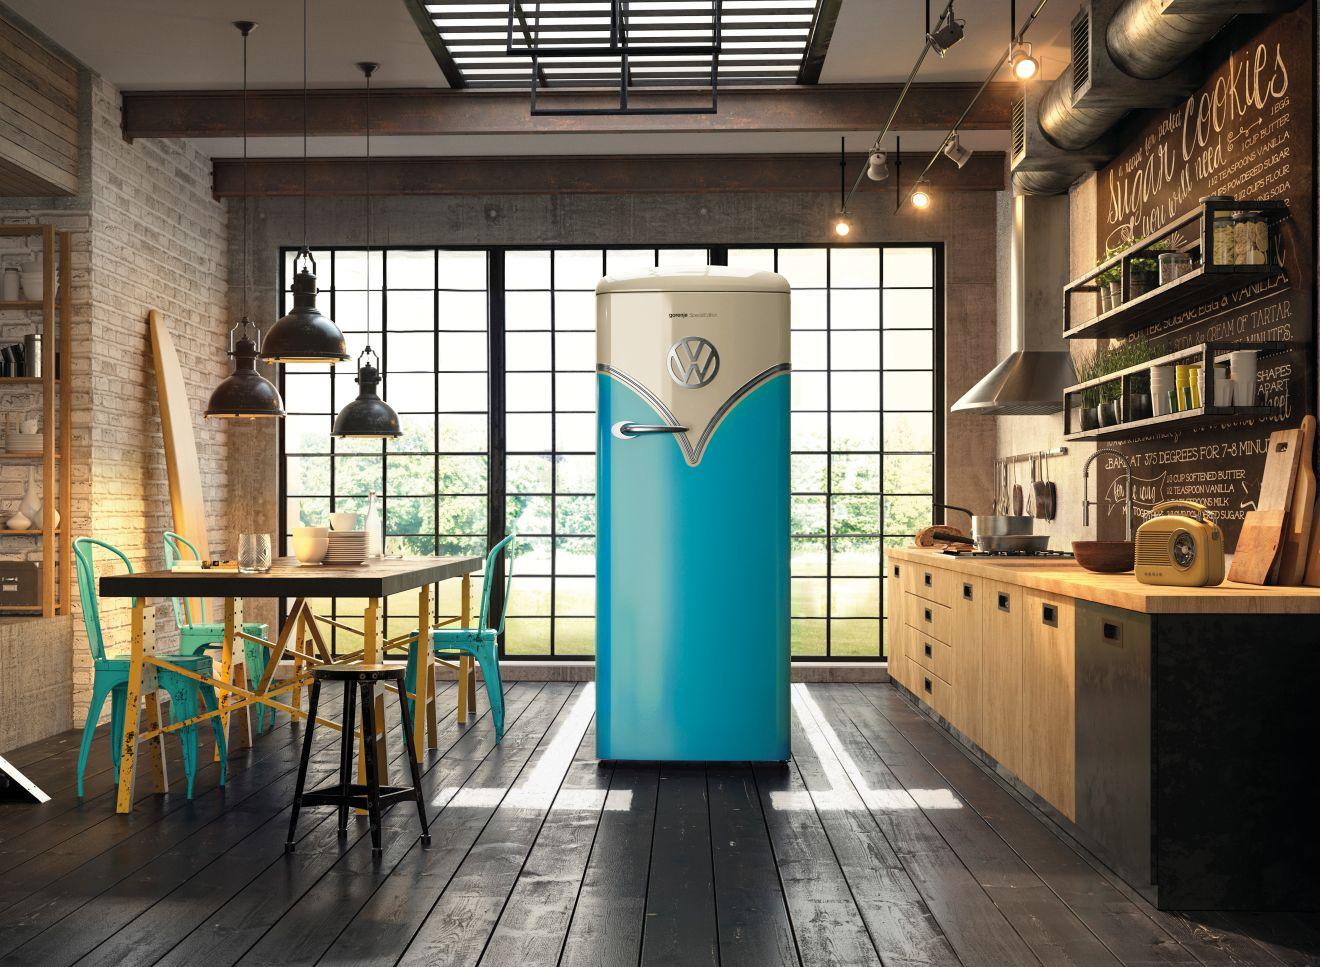 Gorenje Kühlschrank Lüfter : Küchen für männer: kochwerkstatt für echte küchenprofis küche&co